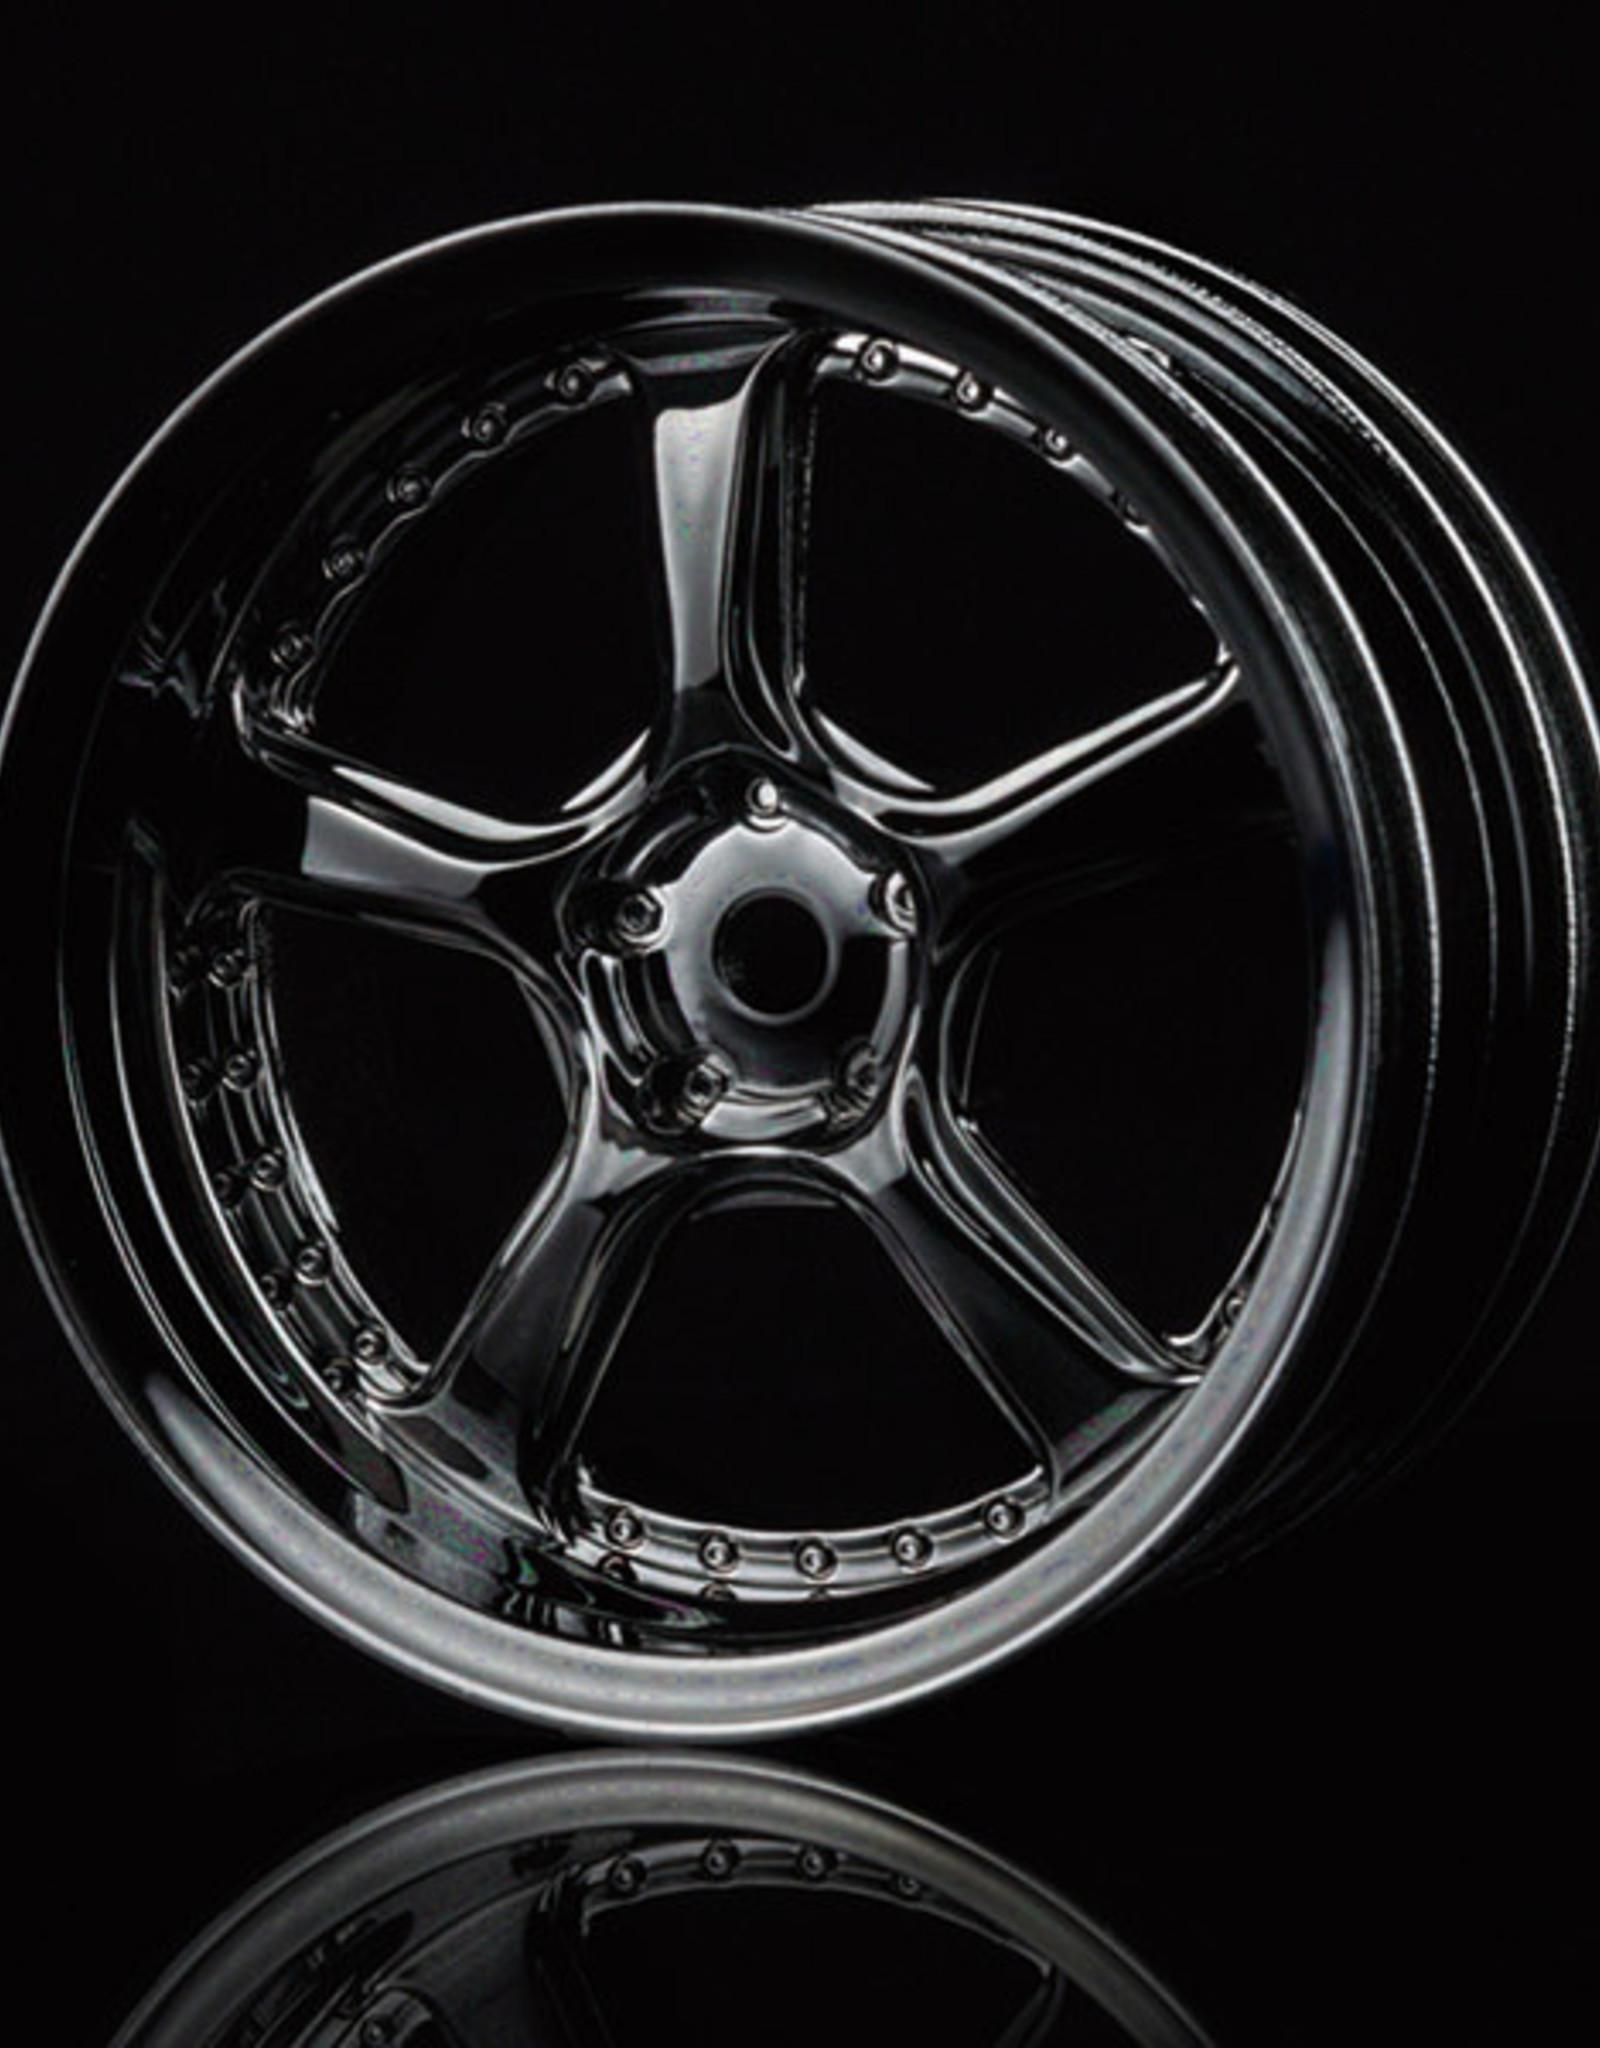 MST Kairos Wheel by MST Silver Black 5mm